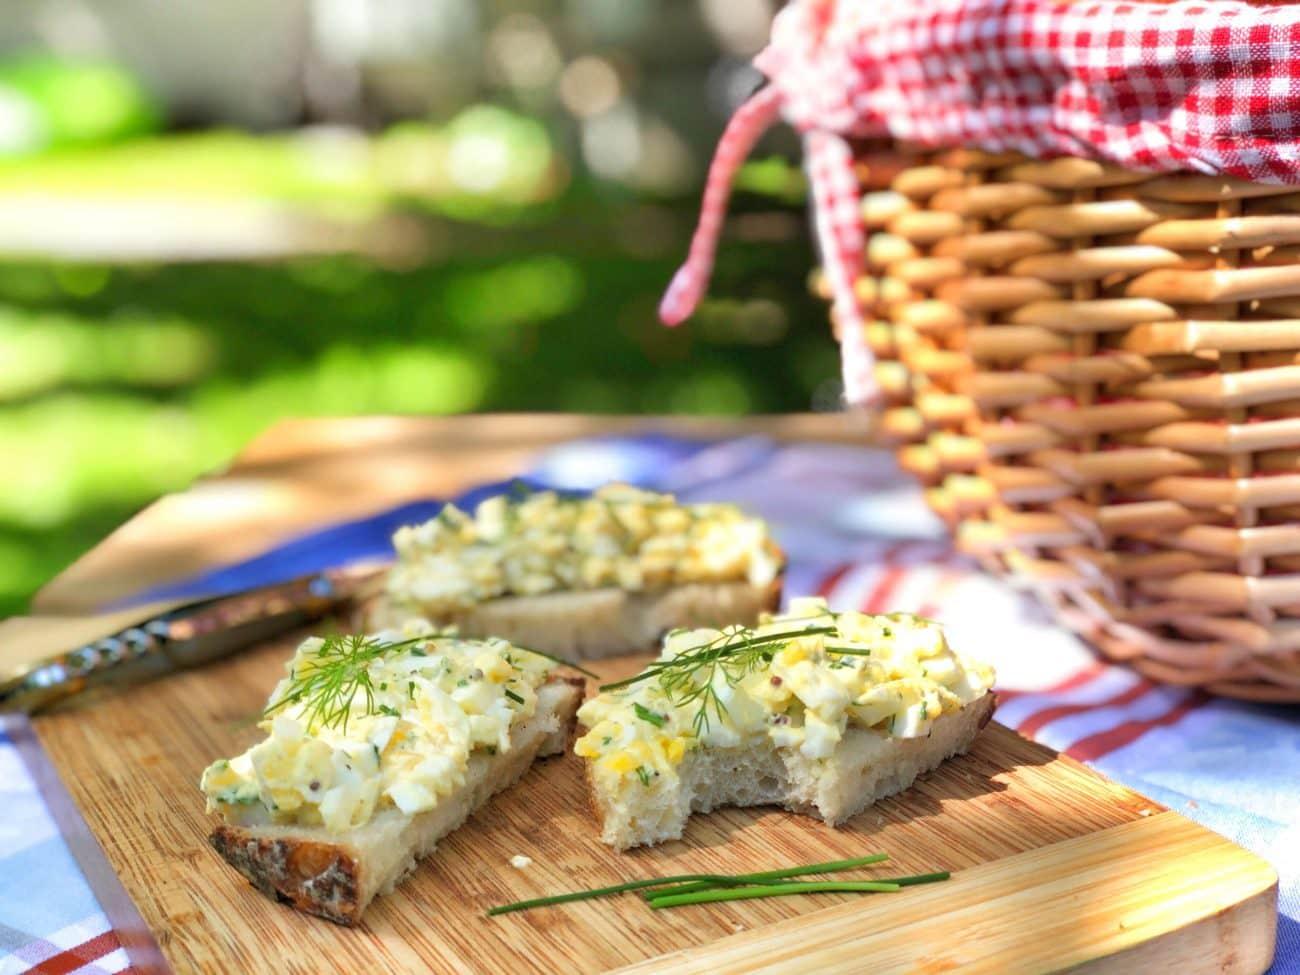 La meilleure salade aux oeufs (Sandwich aux oeufs)